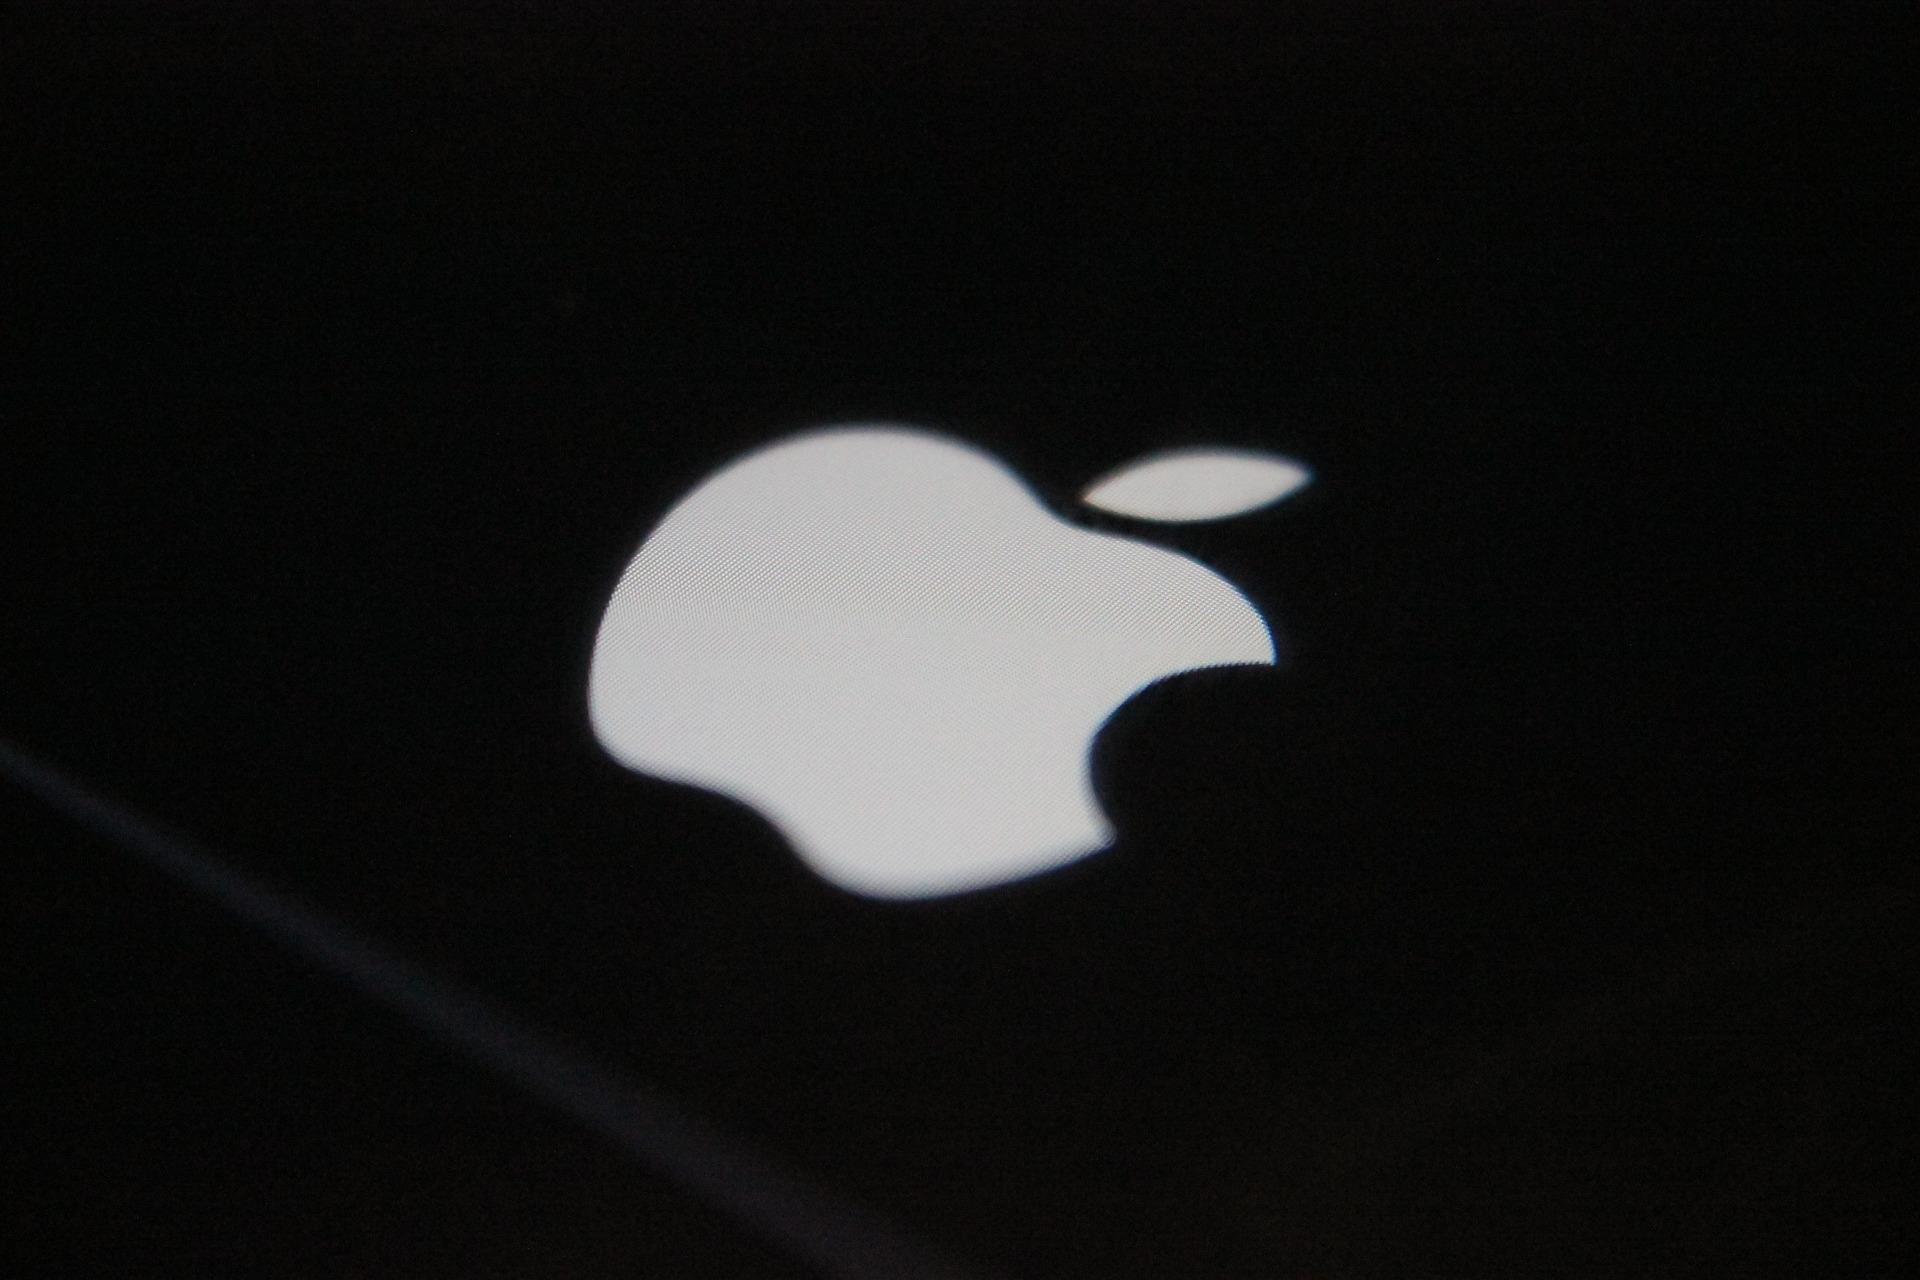 Apple Watch 5将采用OLED屏:钛合金和陶瓷表壳